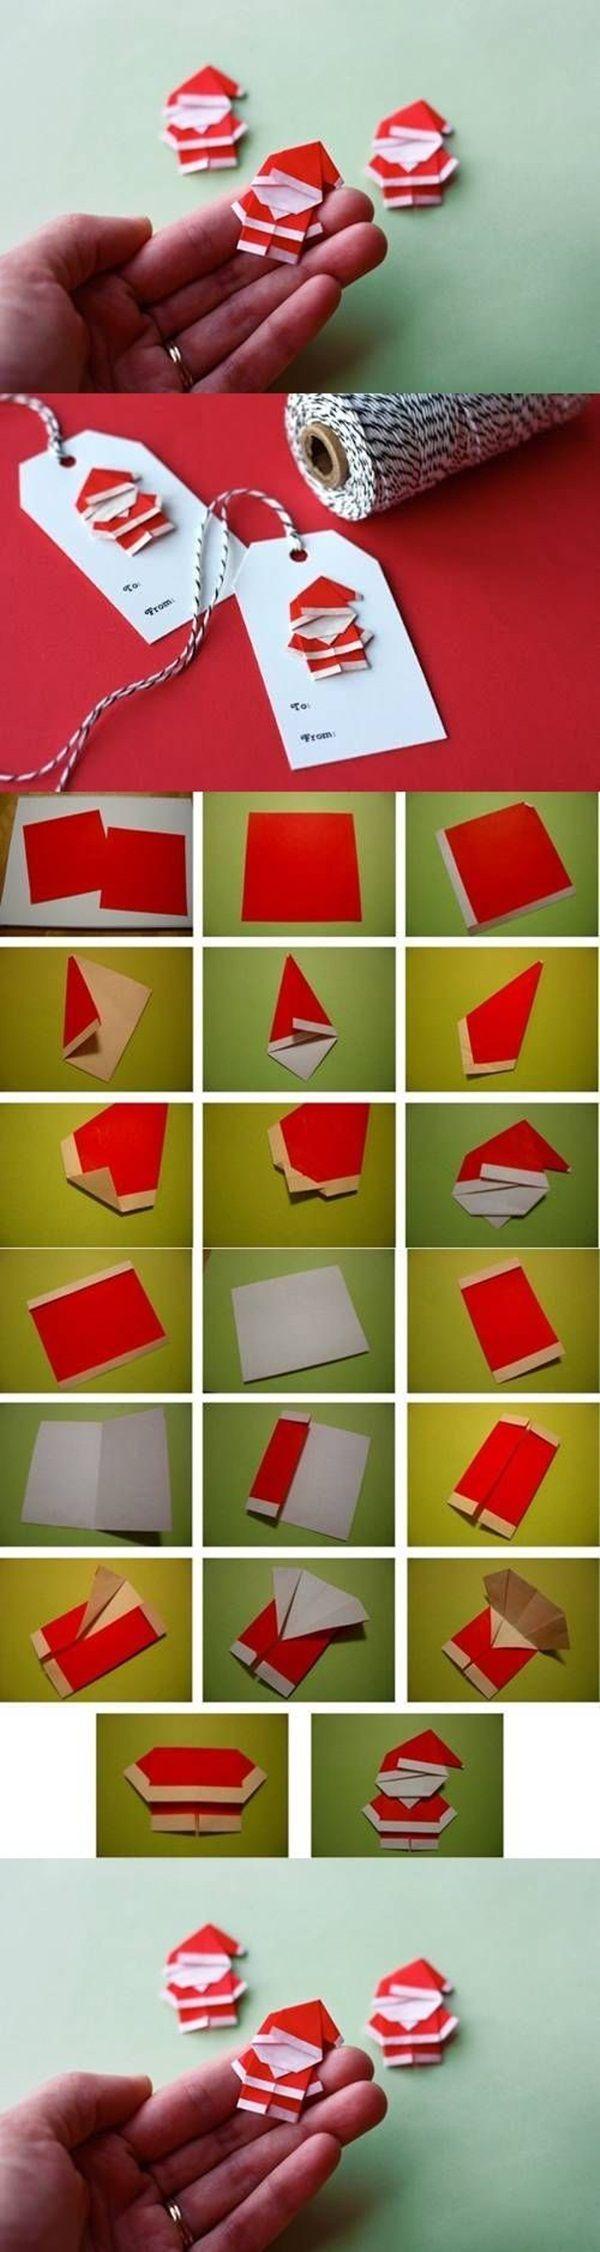 Le idee creative mestiere di carta: 30 raccolse